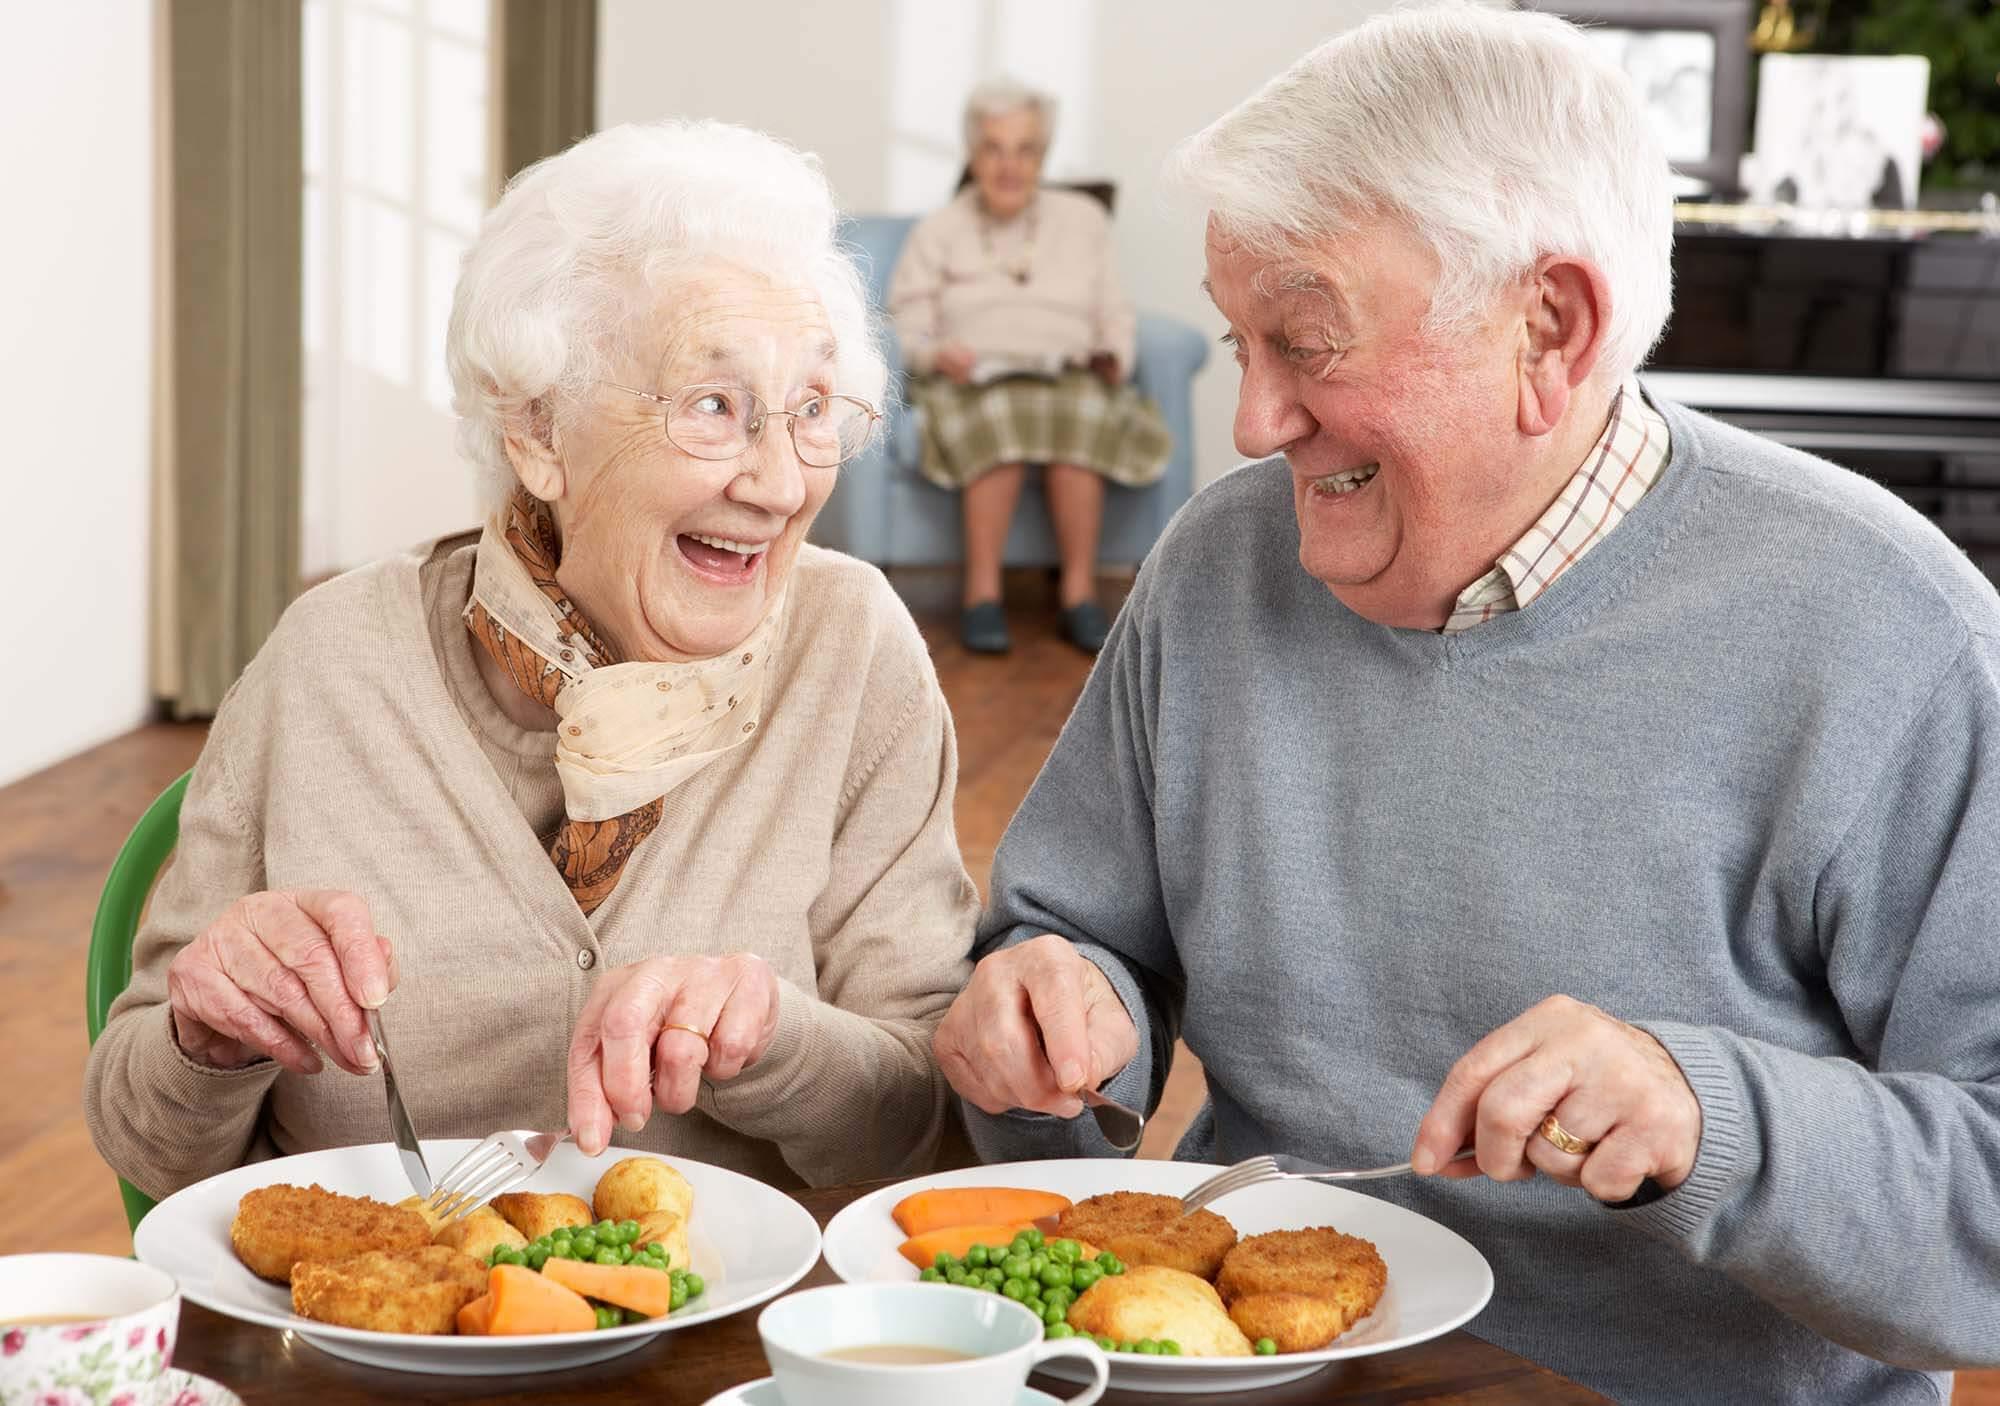 Leckeres Essen Zuhause genießen